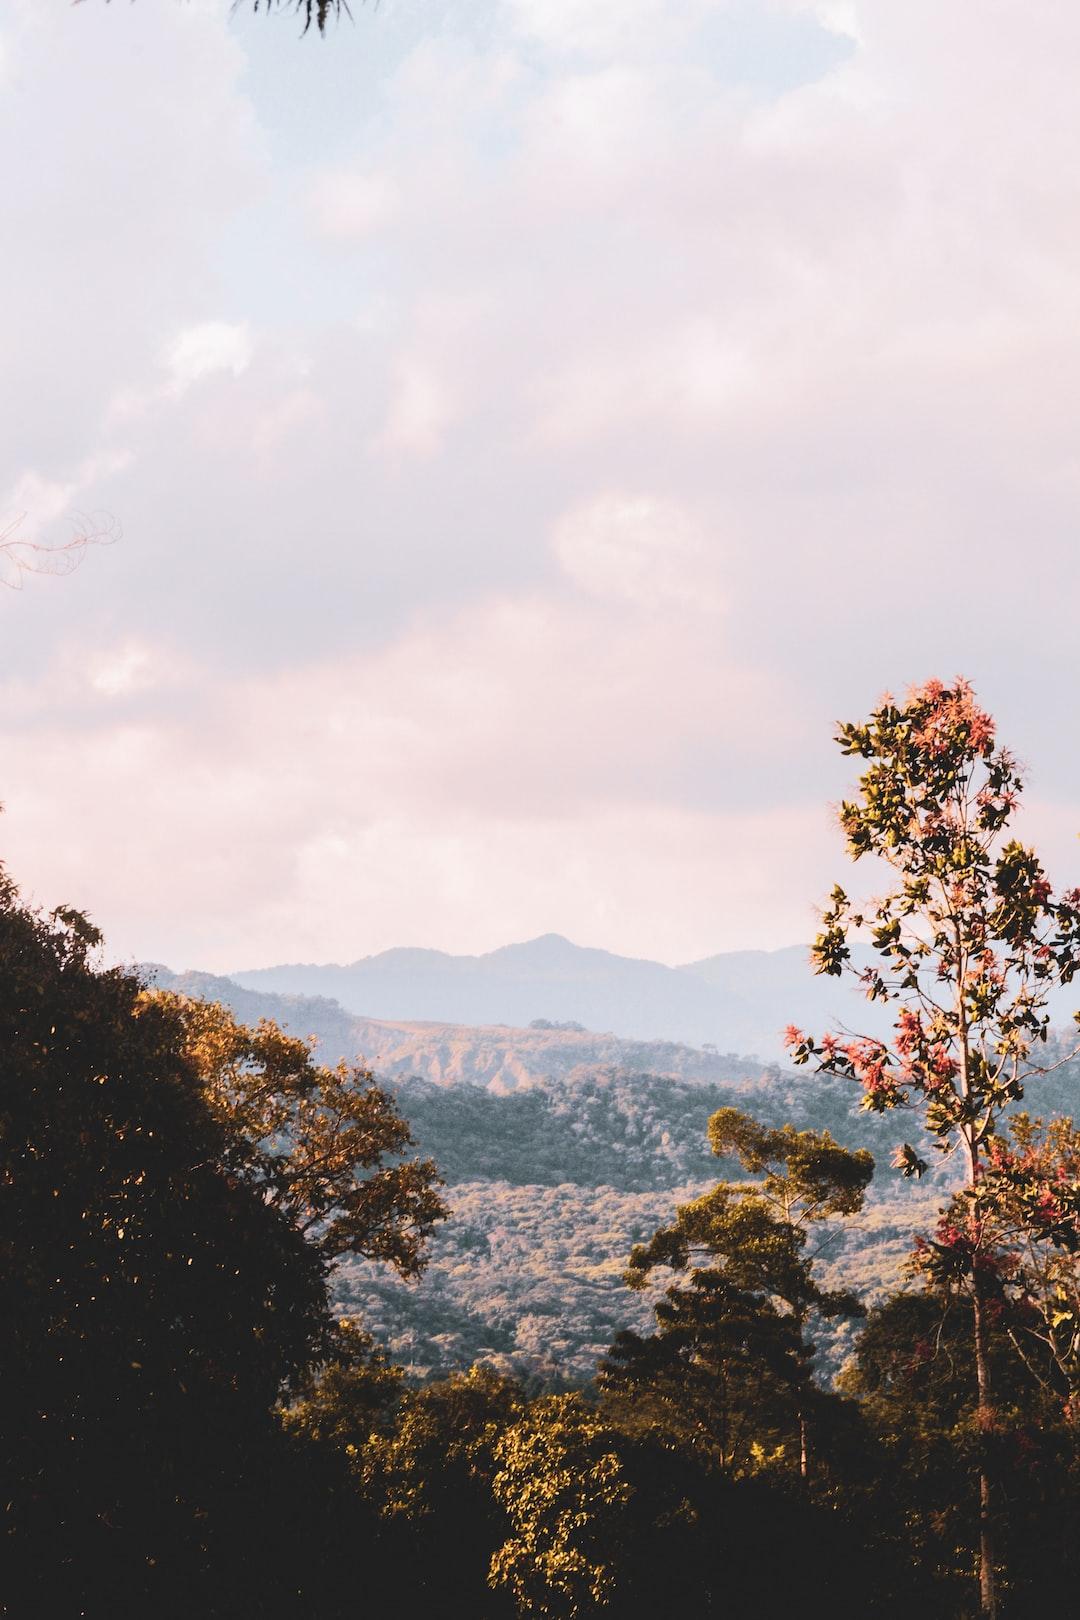 Rural landscape in Villavicencio, Meta.